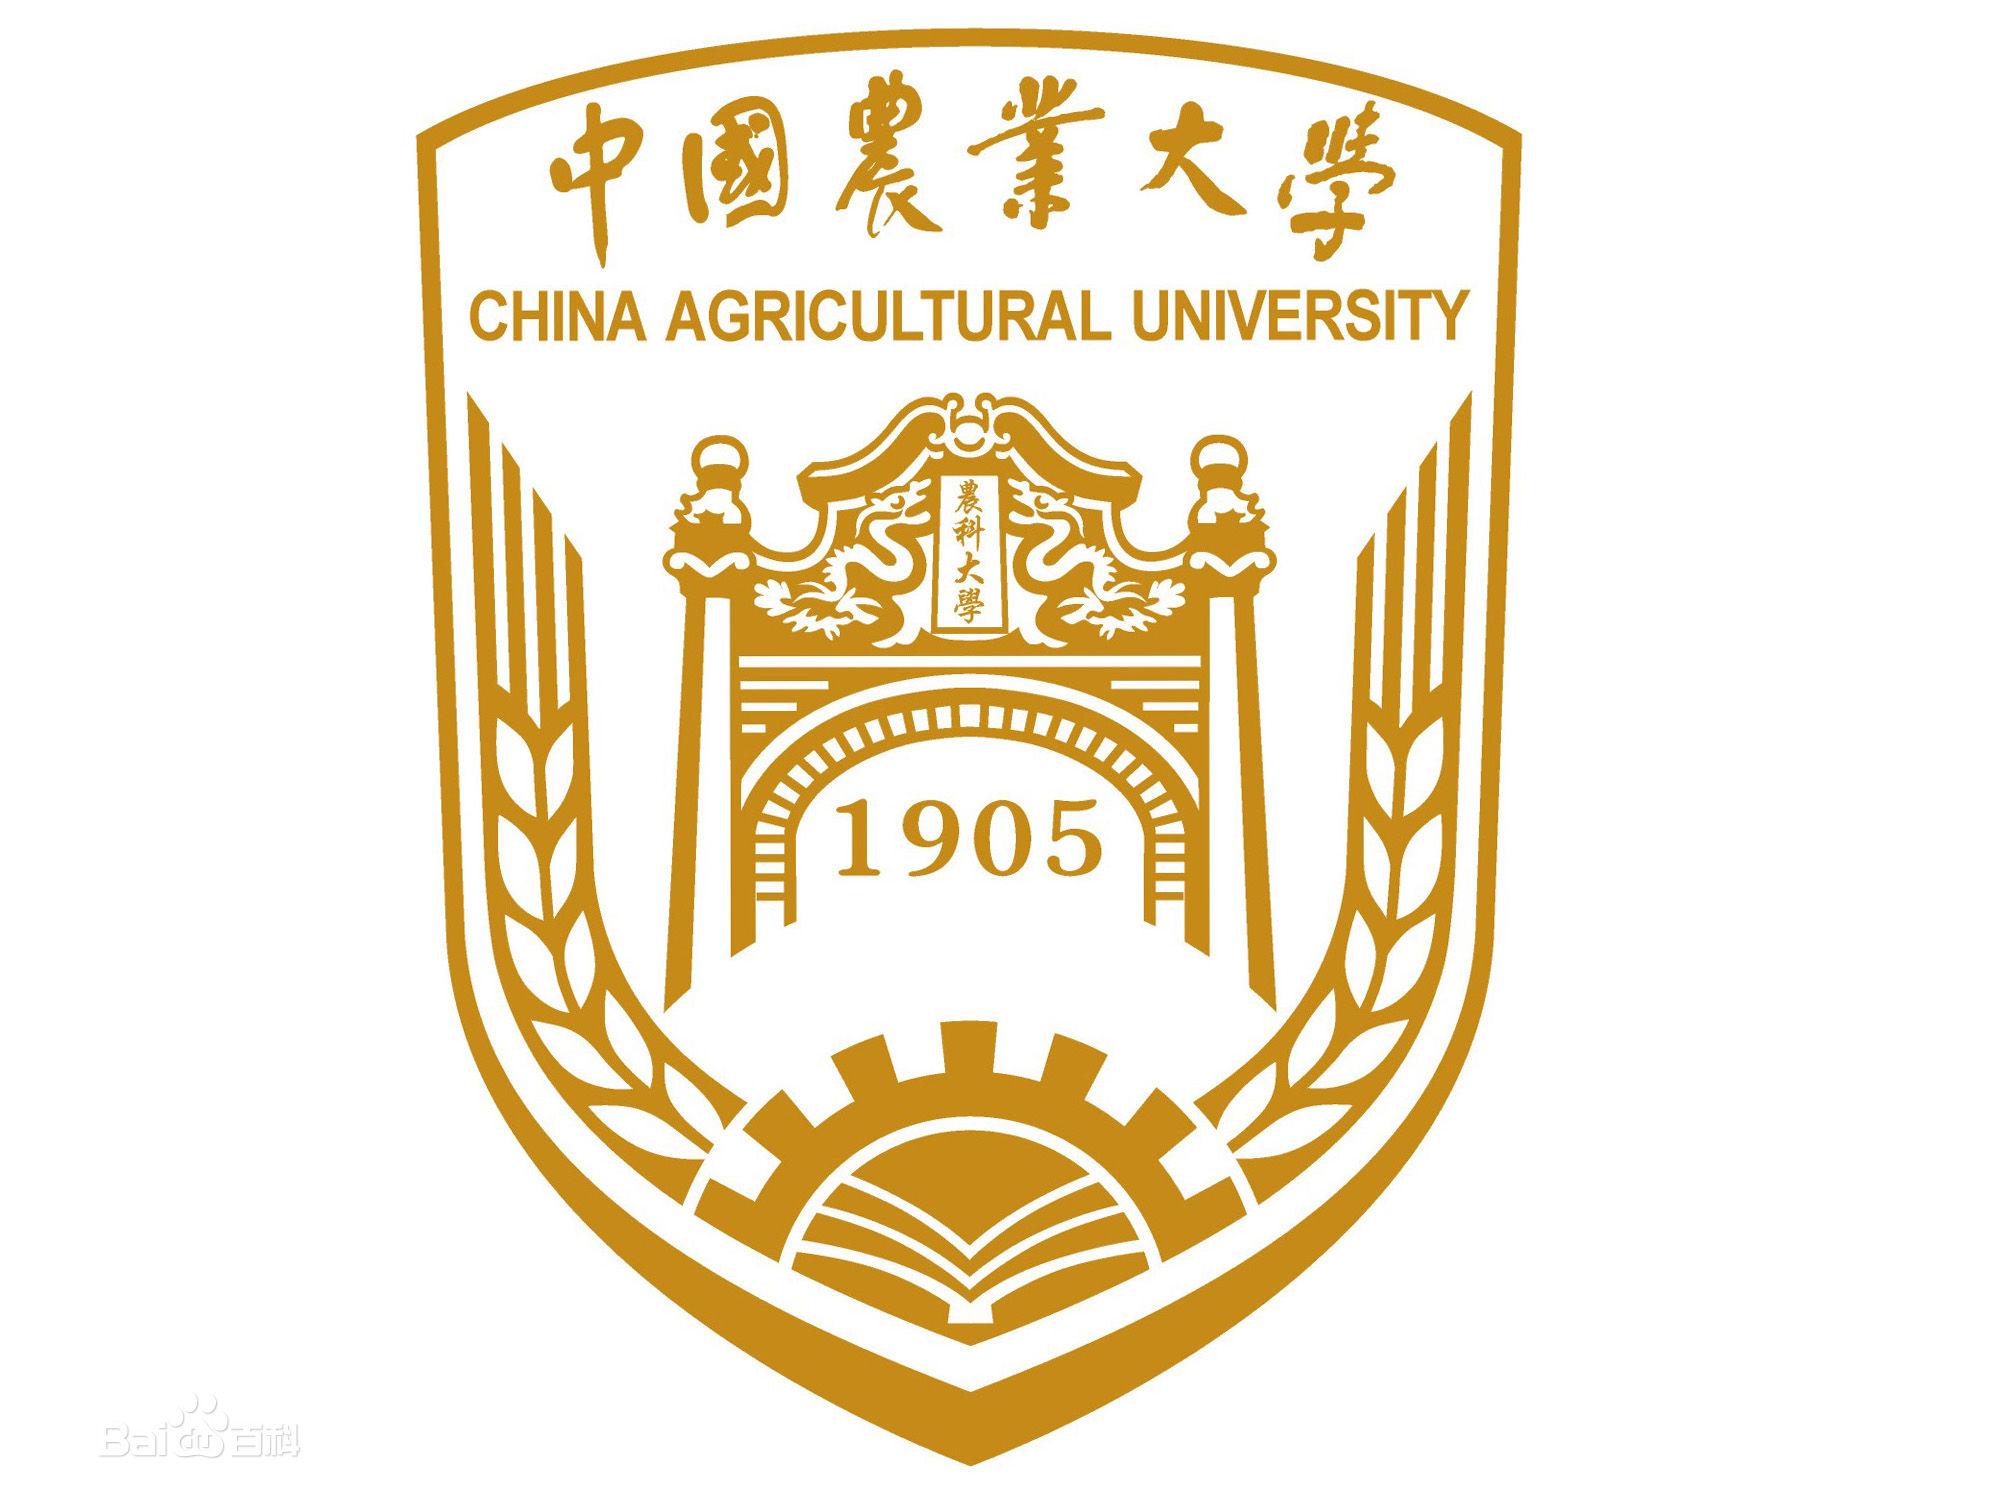 中国农业大学高清校徽 中国农业大学校徽 北京大学校徽高清图片